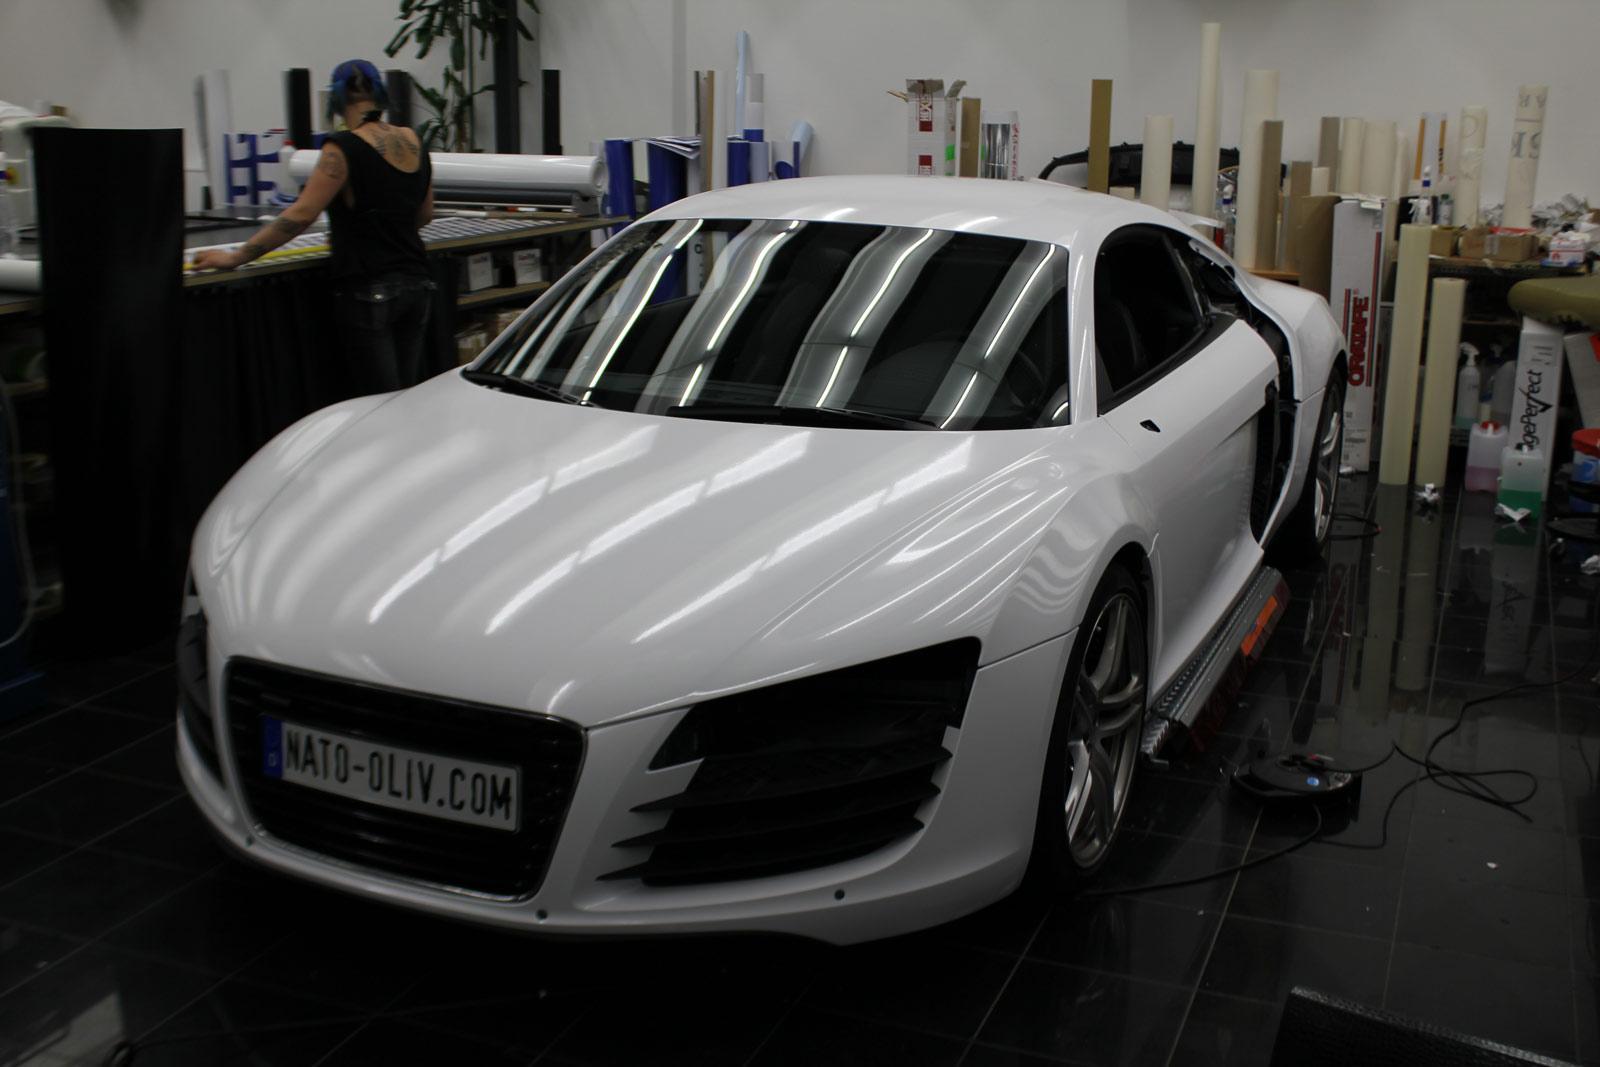 Audi_R8_Folierung_Weiß_Glanz_Union_Jack_Flagge_06